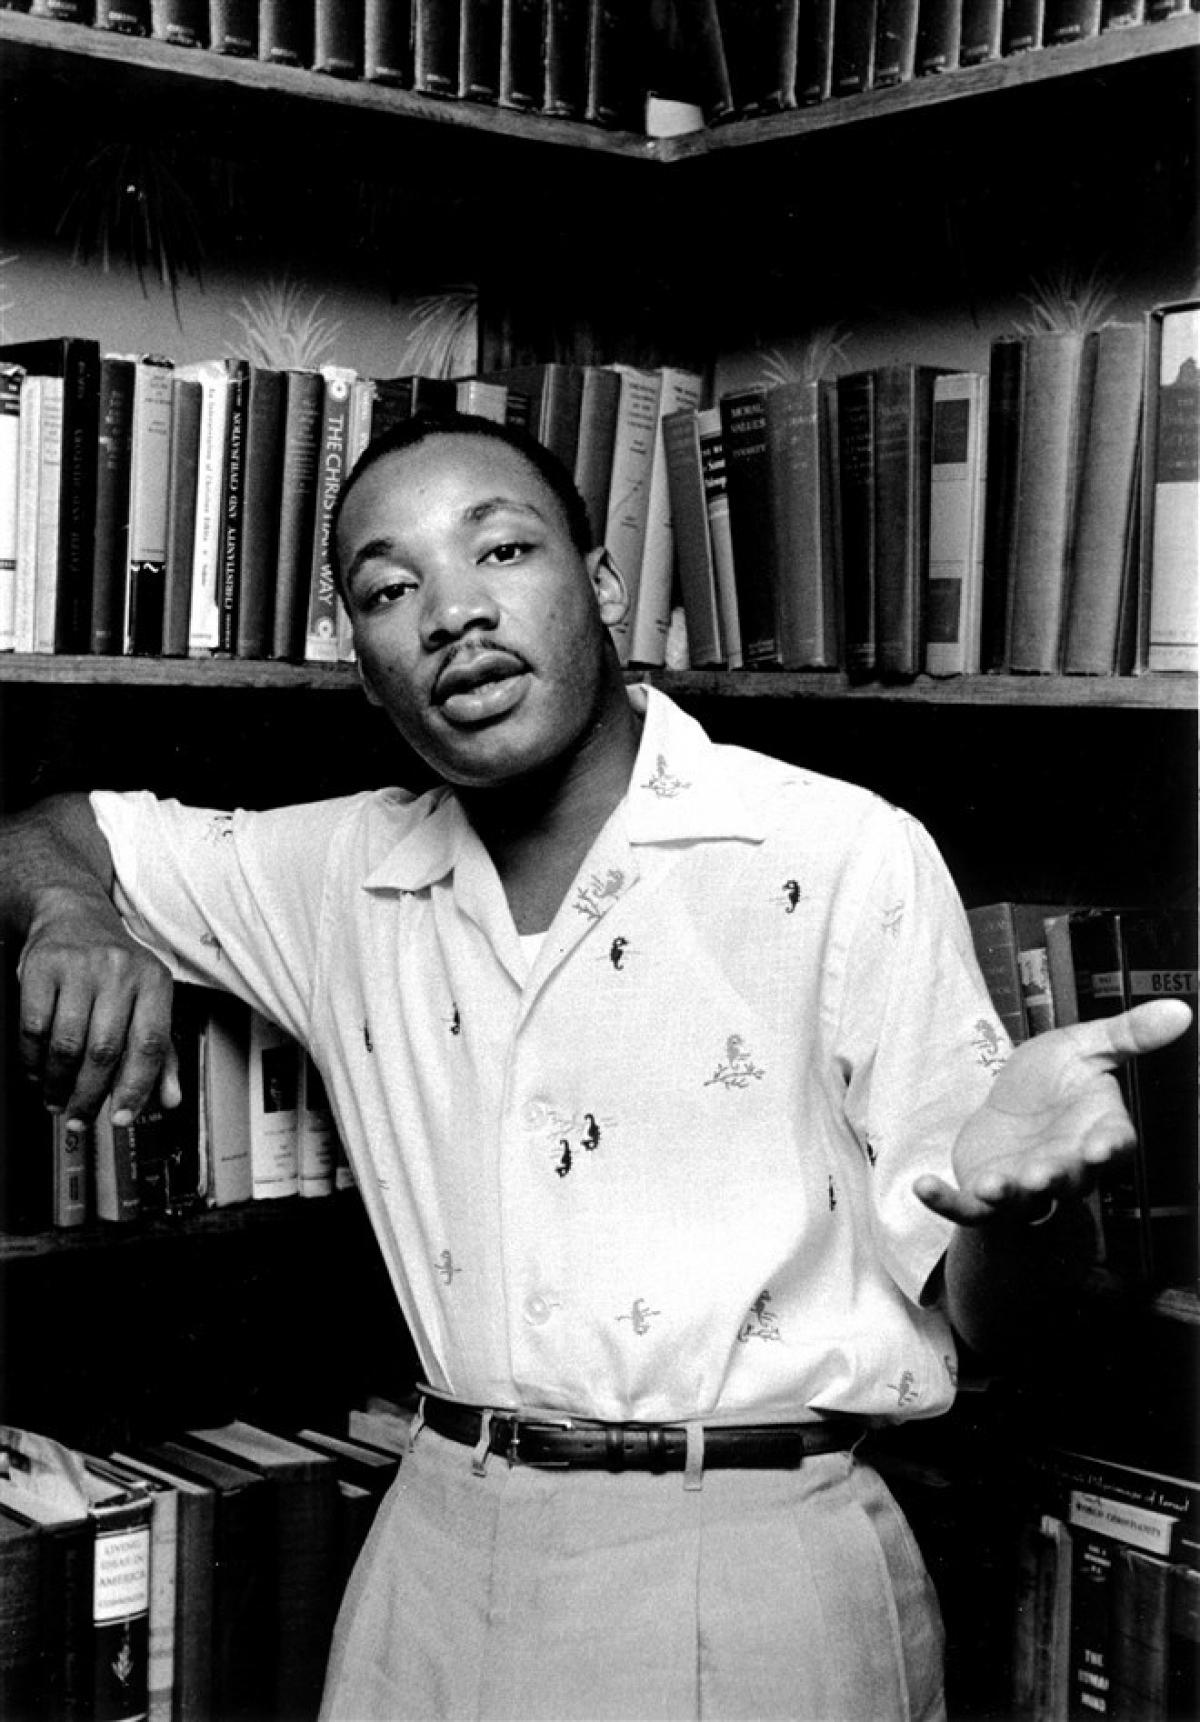 Mục sư King tại nhà riêng ở Montgomery, Alabama vào tháng 5/1956. Ảnh:Getty Images